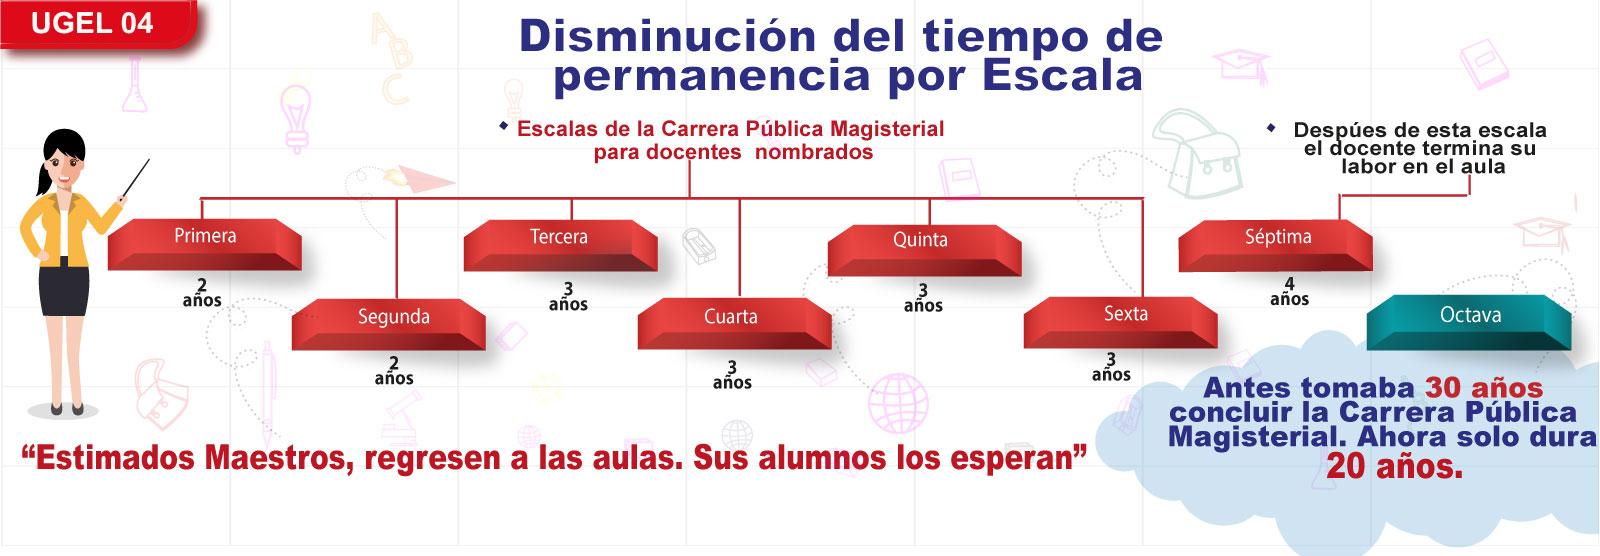 DISMINUCIN-DEL-TIEMPO-en--ESCALA-web